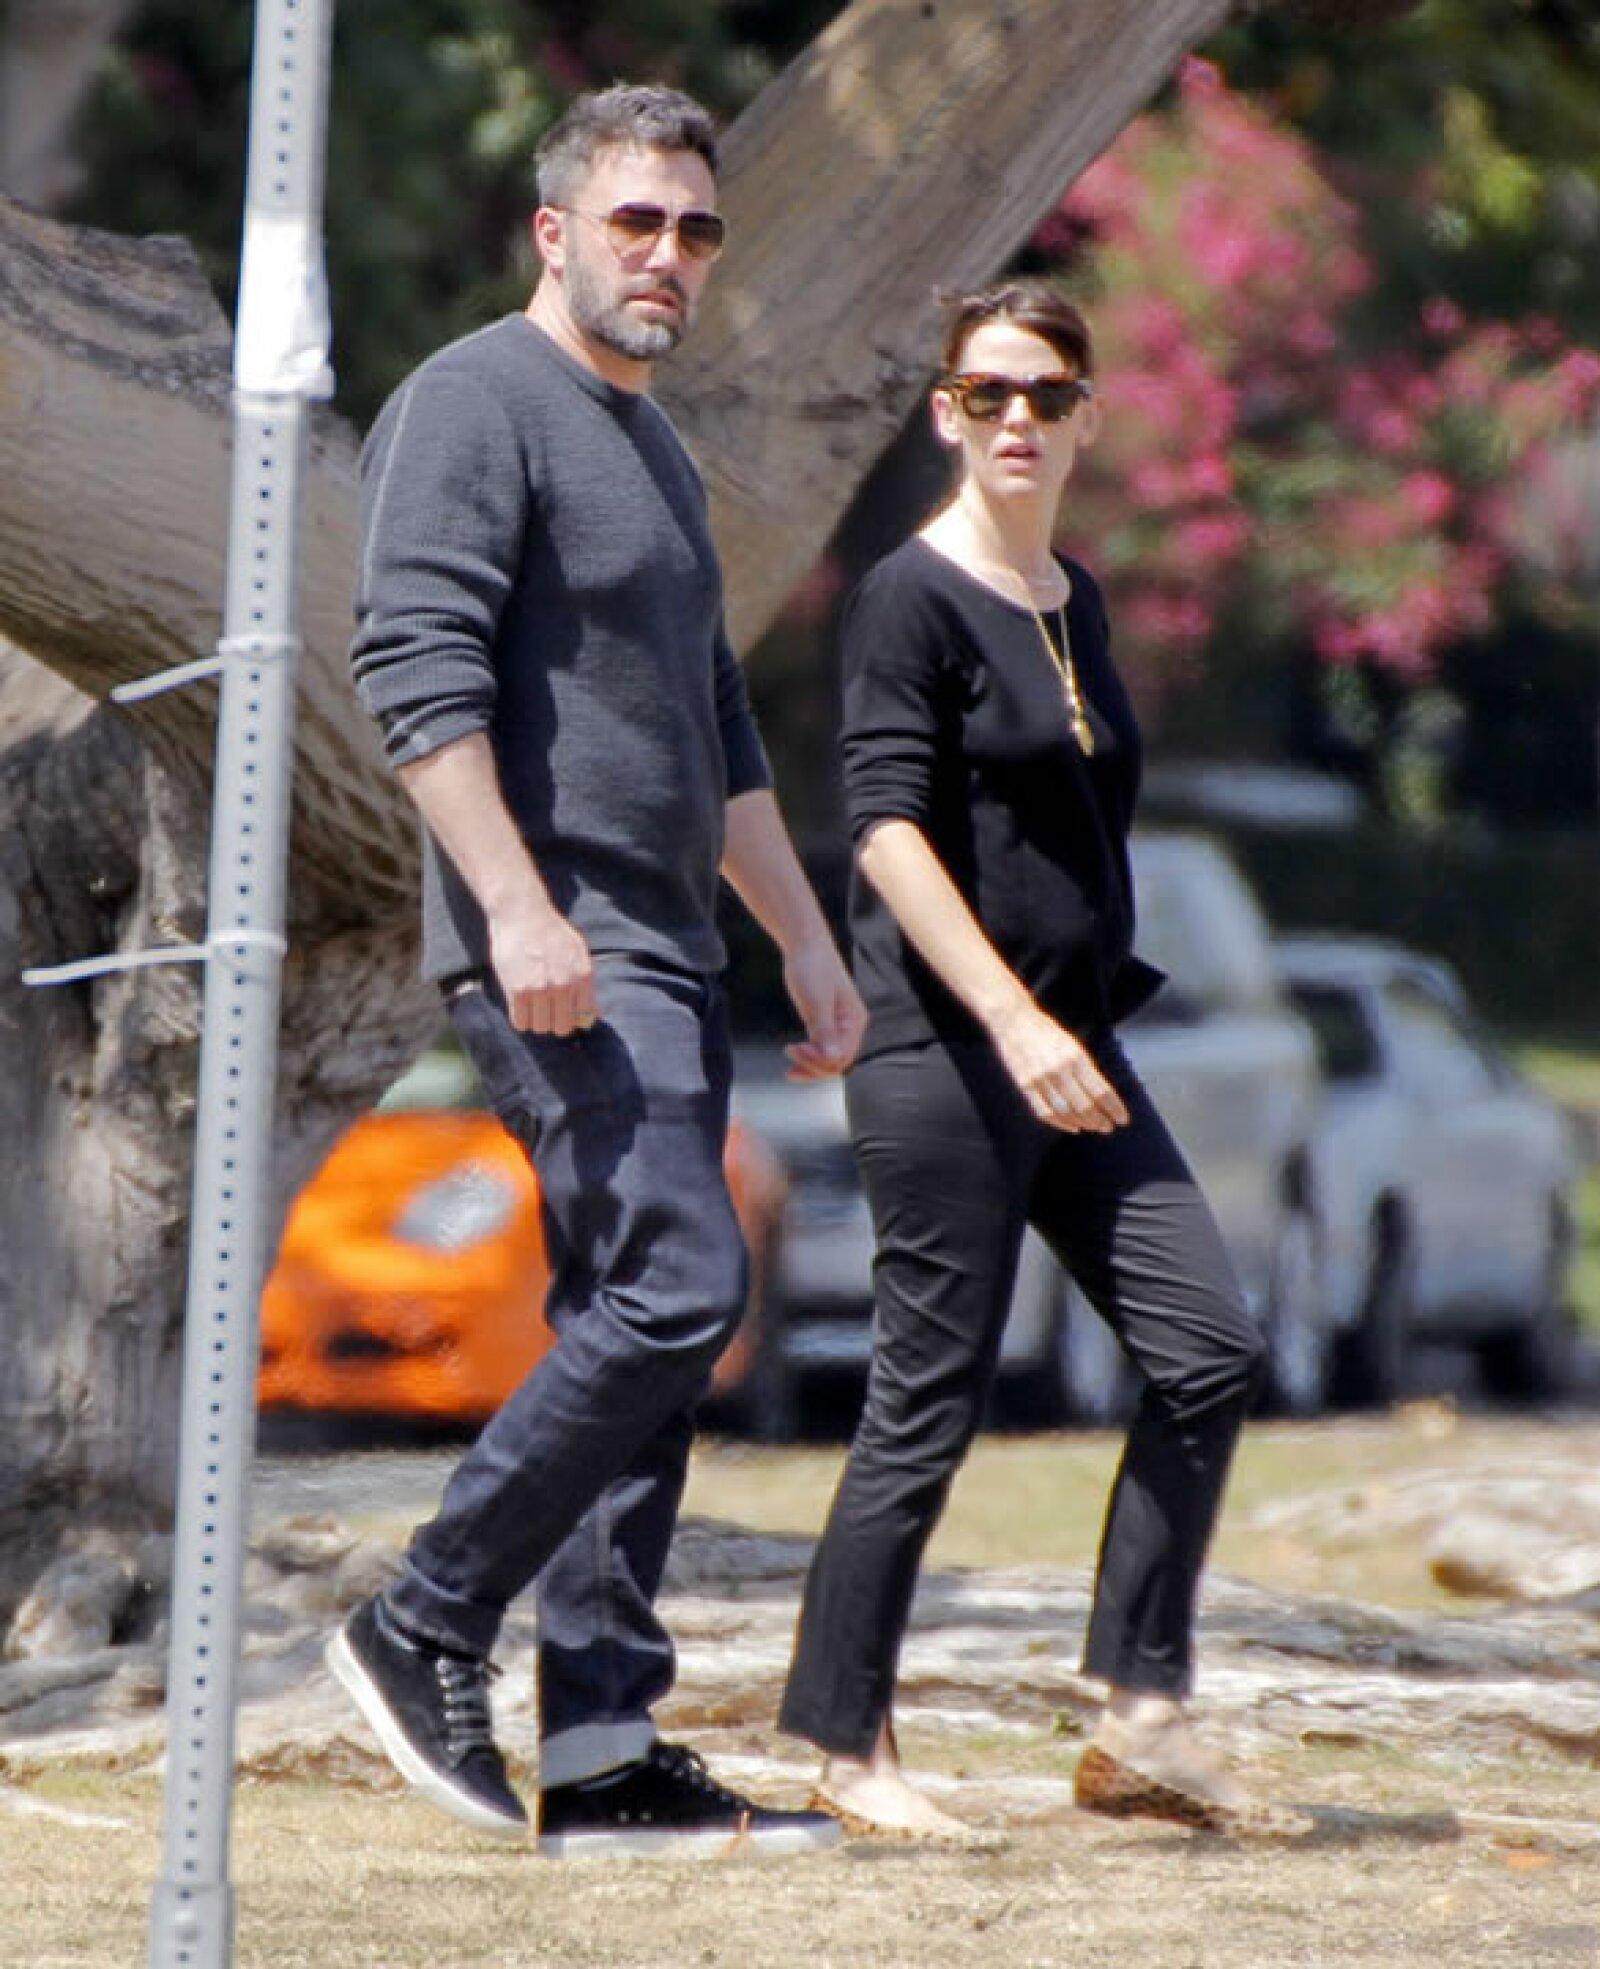 Después de los rumores sobre su separación, la entonces pareja decidió salir a pasear junta, pero ya no se le veía tan enamorada como antes.